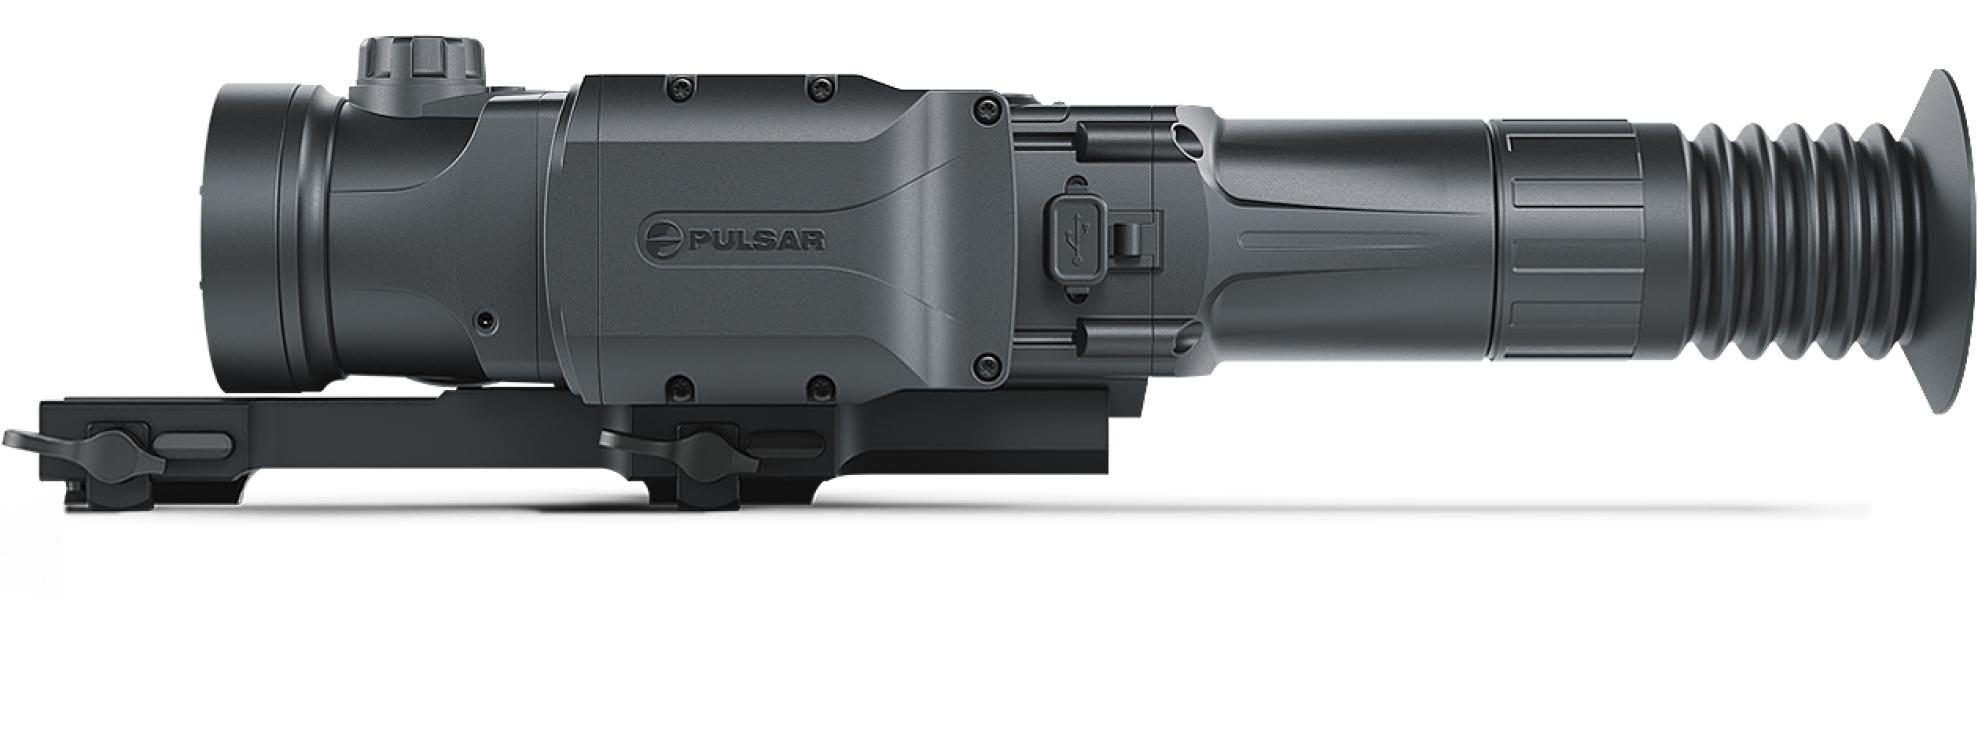 Pulsar Trail 2 LRF warmtebeeldkijker